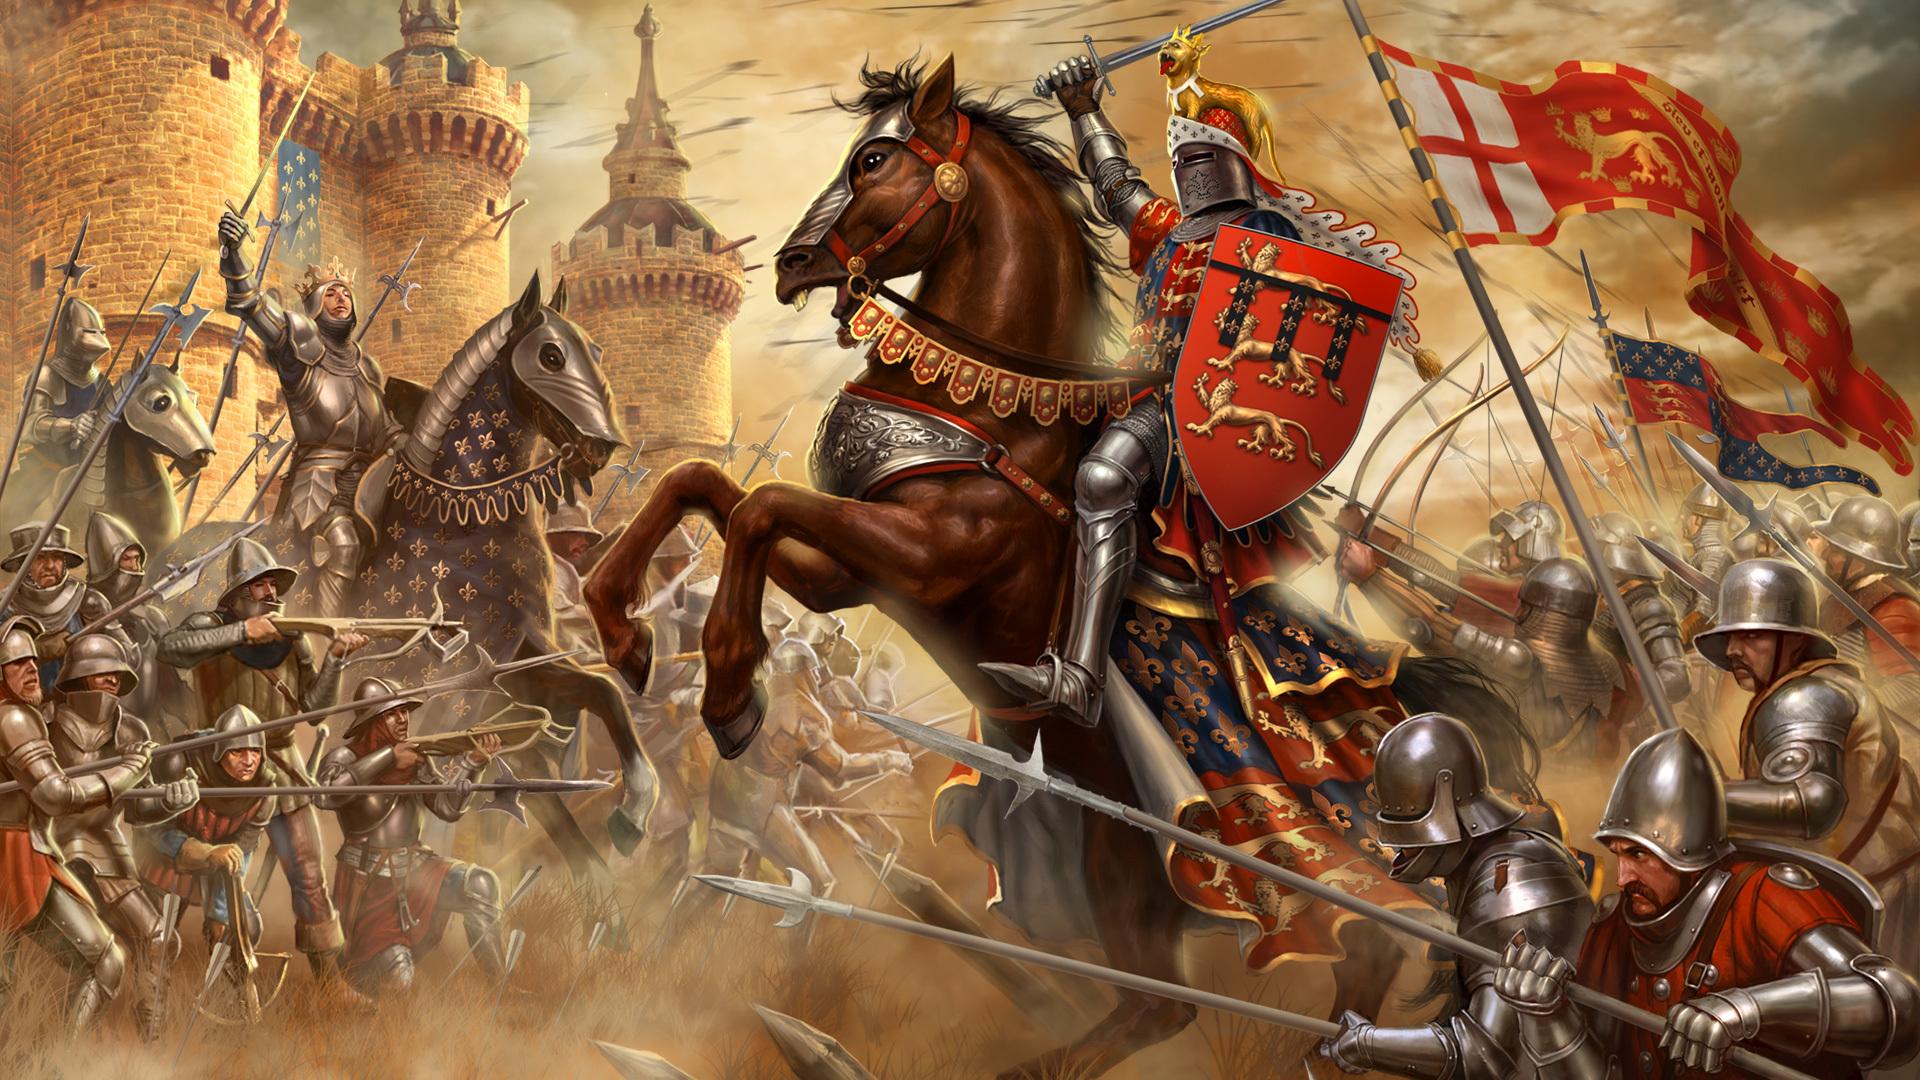 Картинки сражения с рыцарями